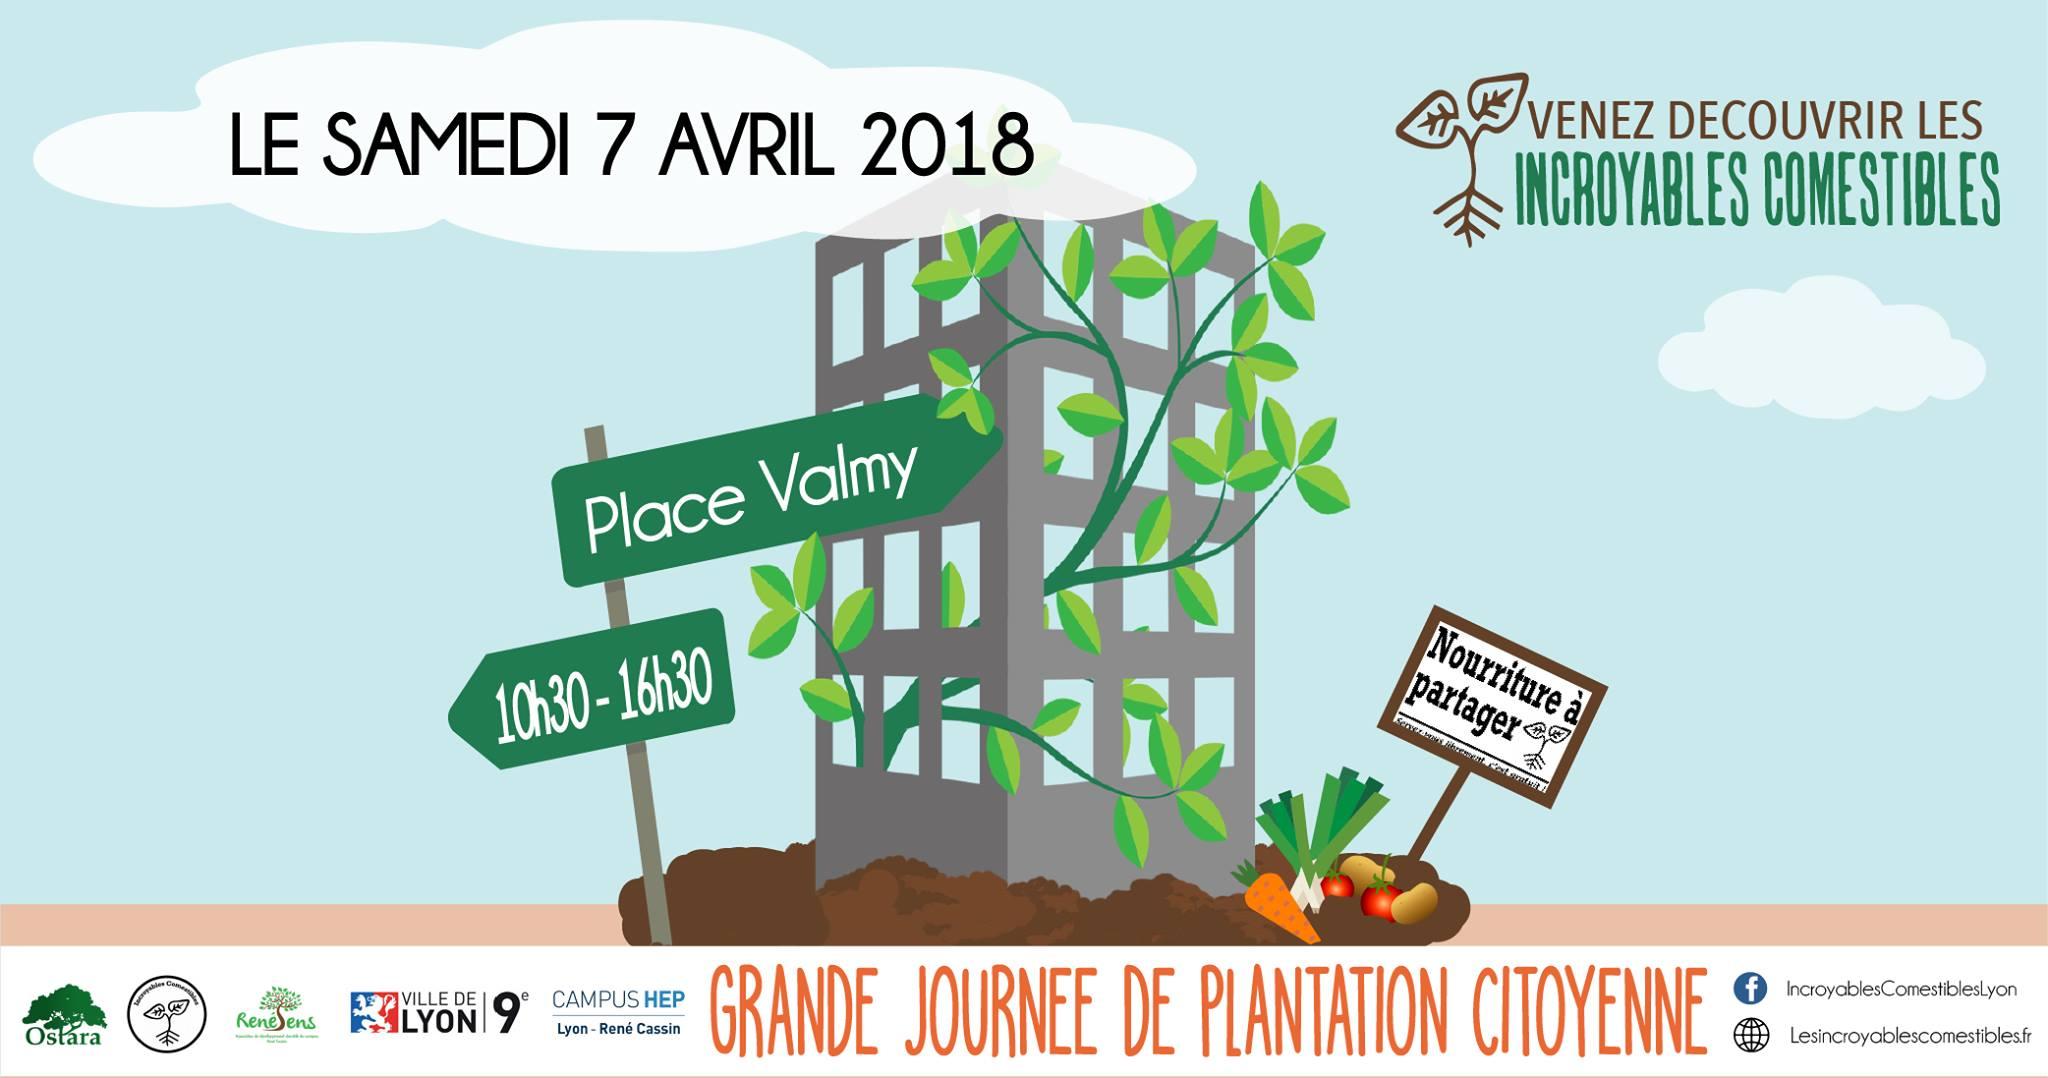 Grande journée de plantation citoyenne à Valmy